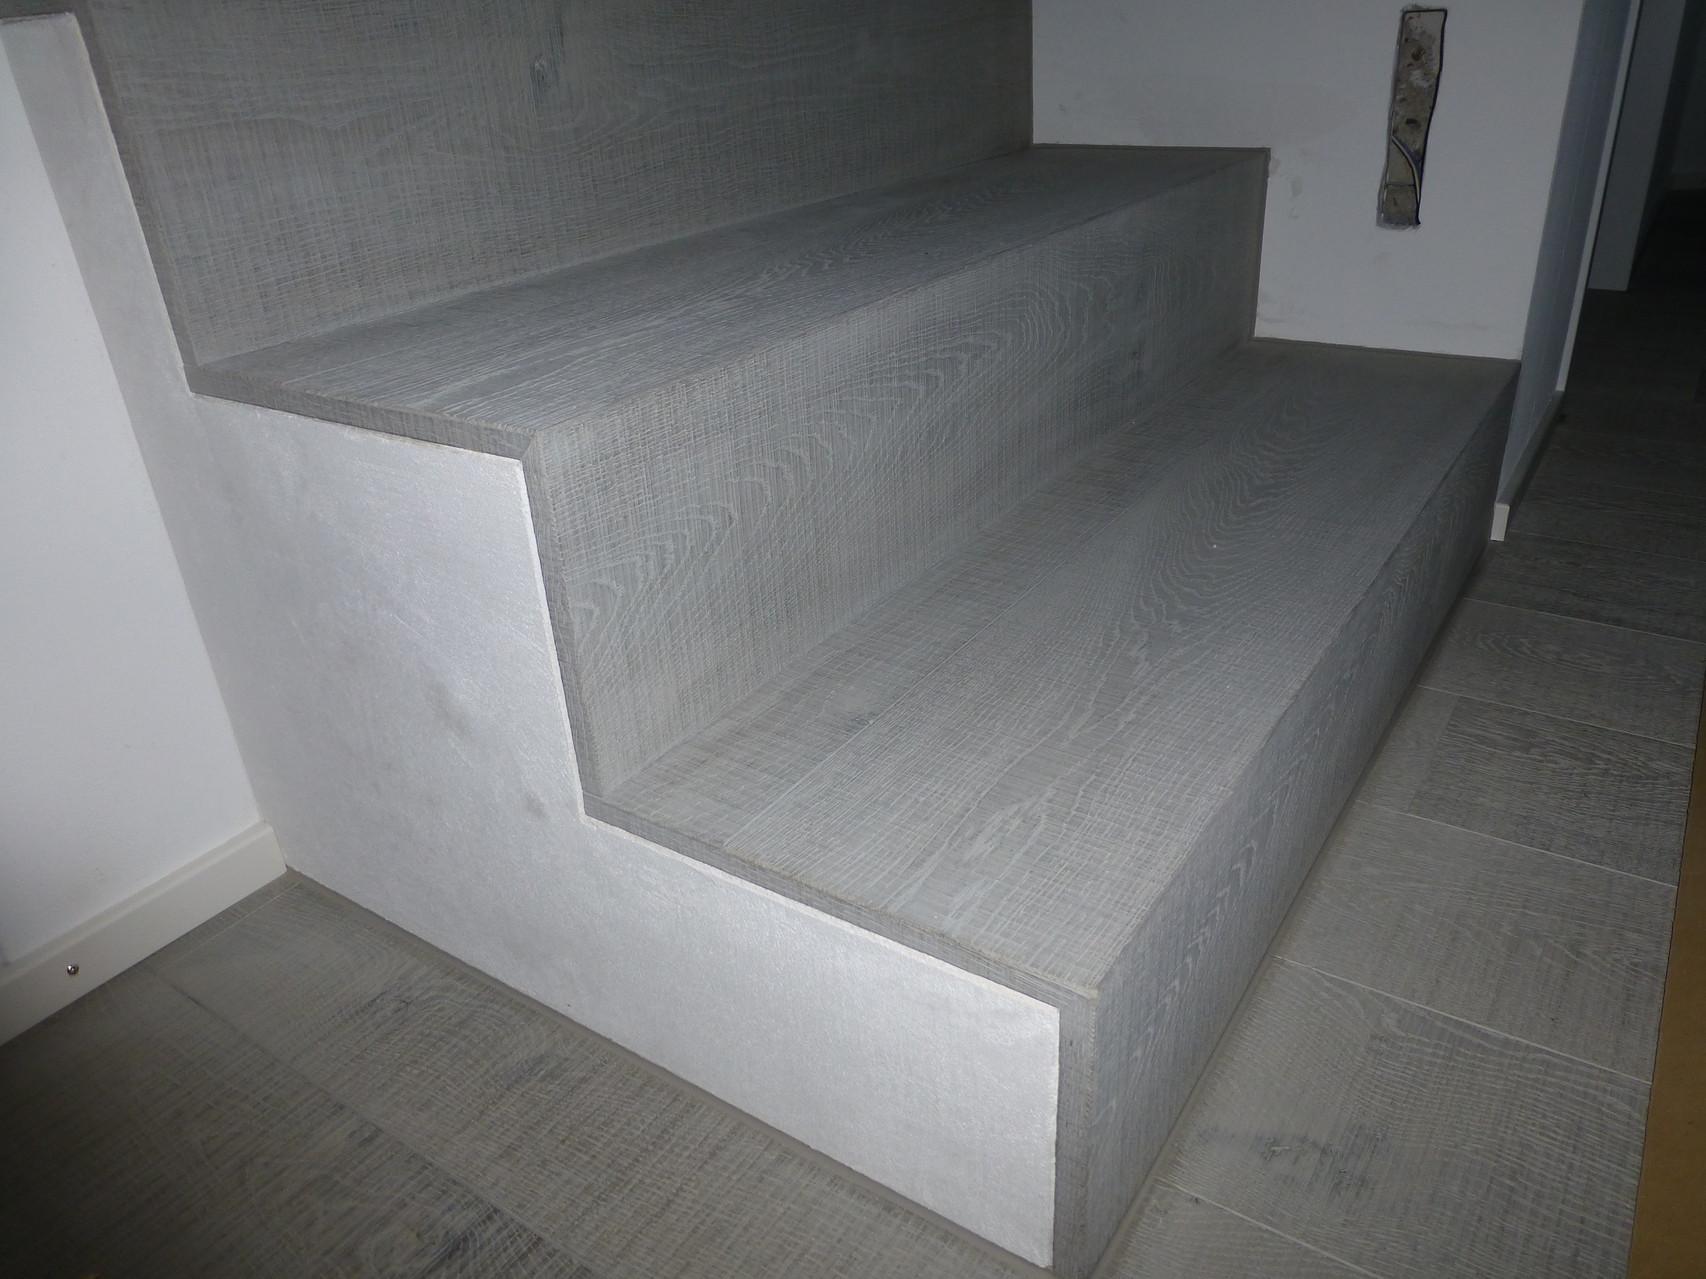 Treppe mit seitlichem Abschluss, in Eiche natur sägeroh - Behandlung Pilatus